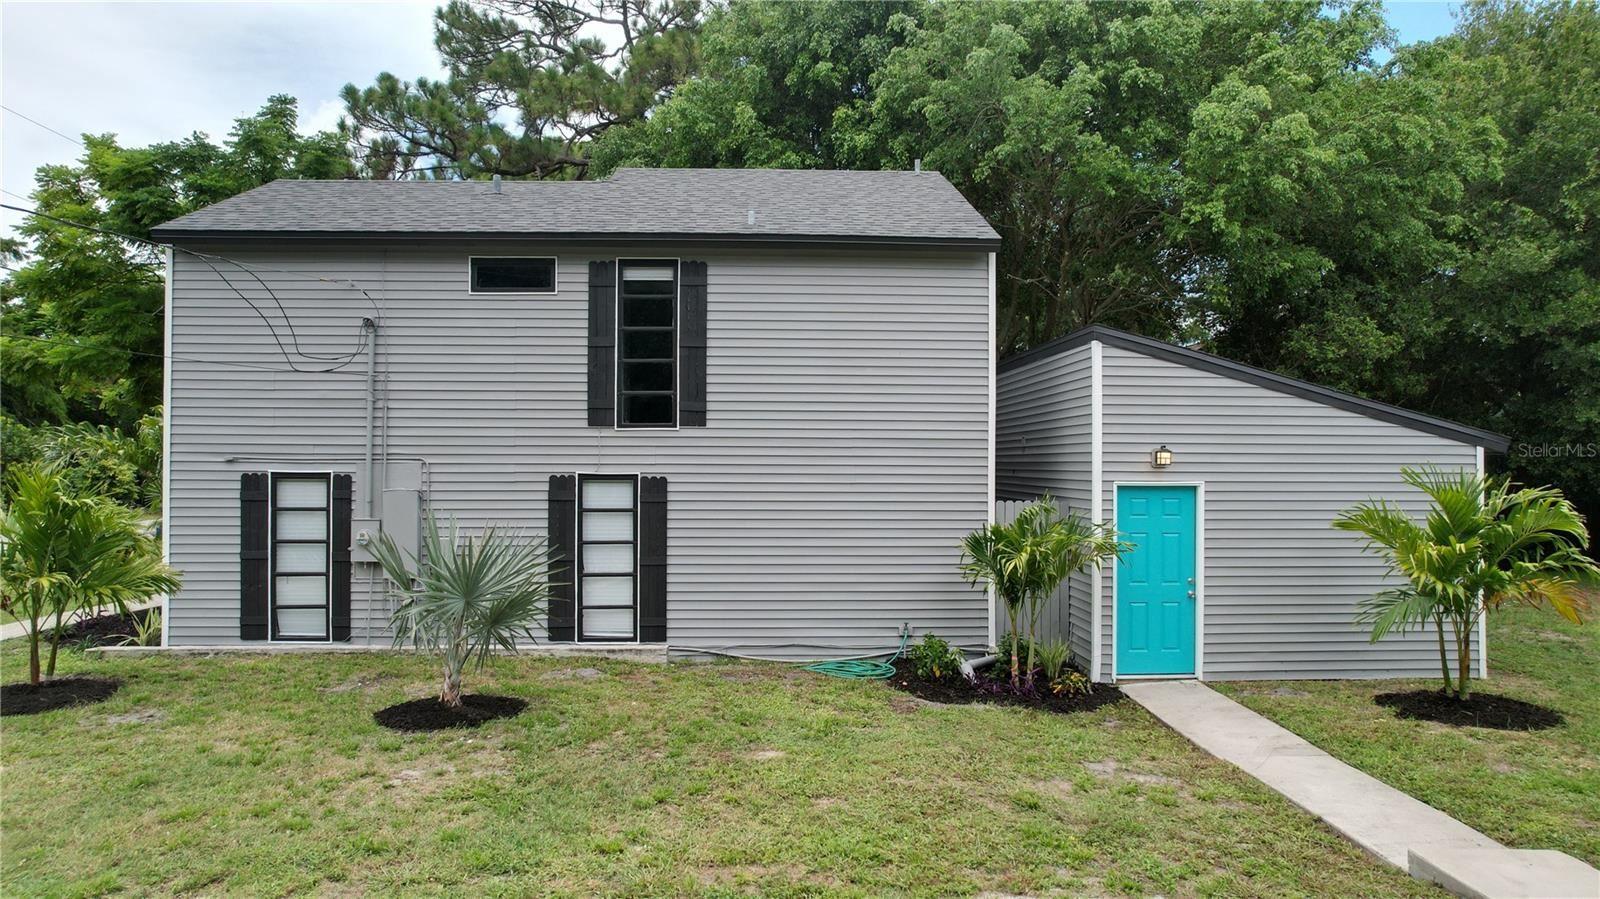 3147 MAIDEN LANE, Sarasota, FL 34231 - #: N6116593